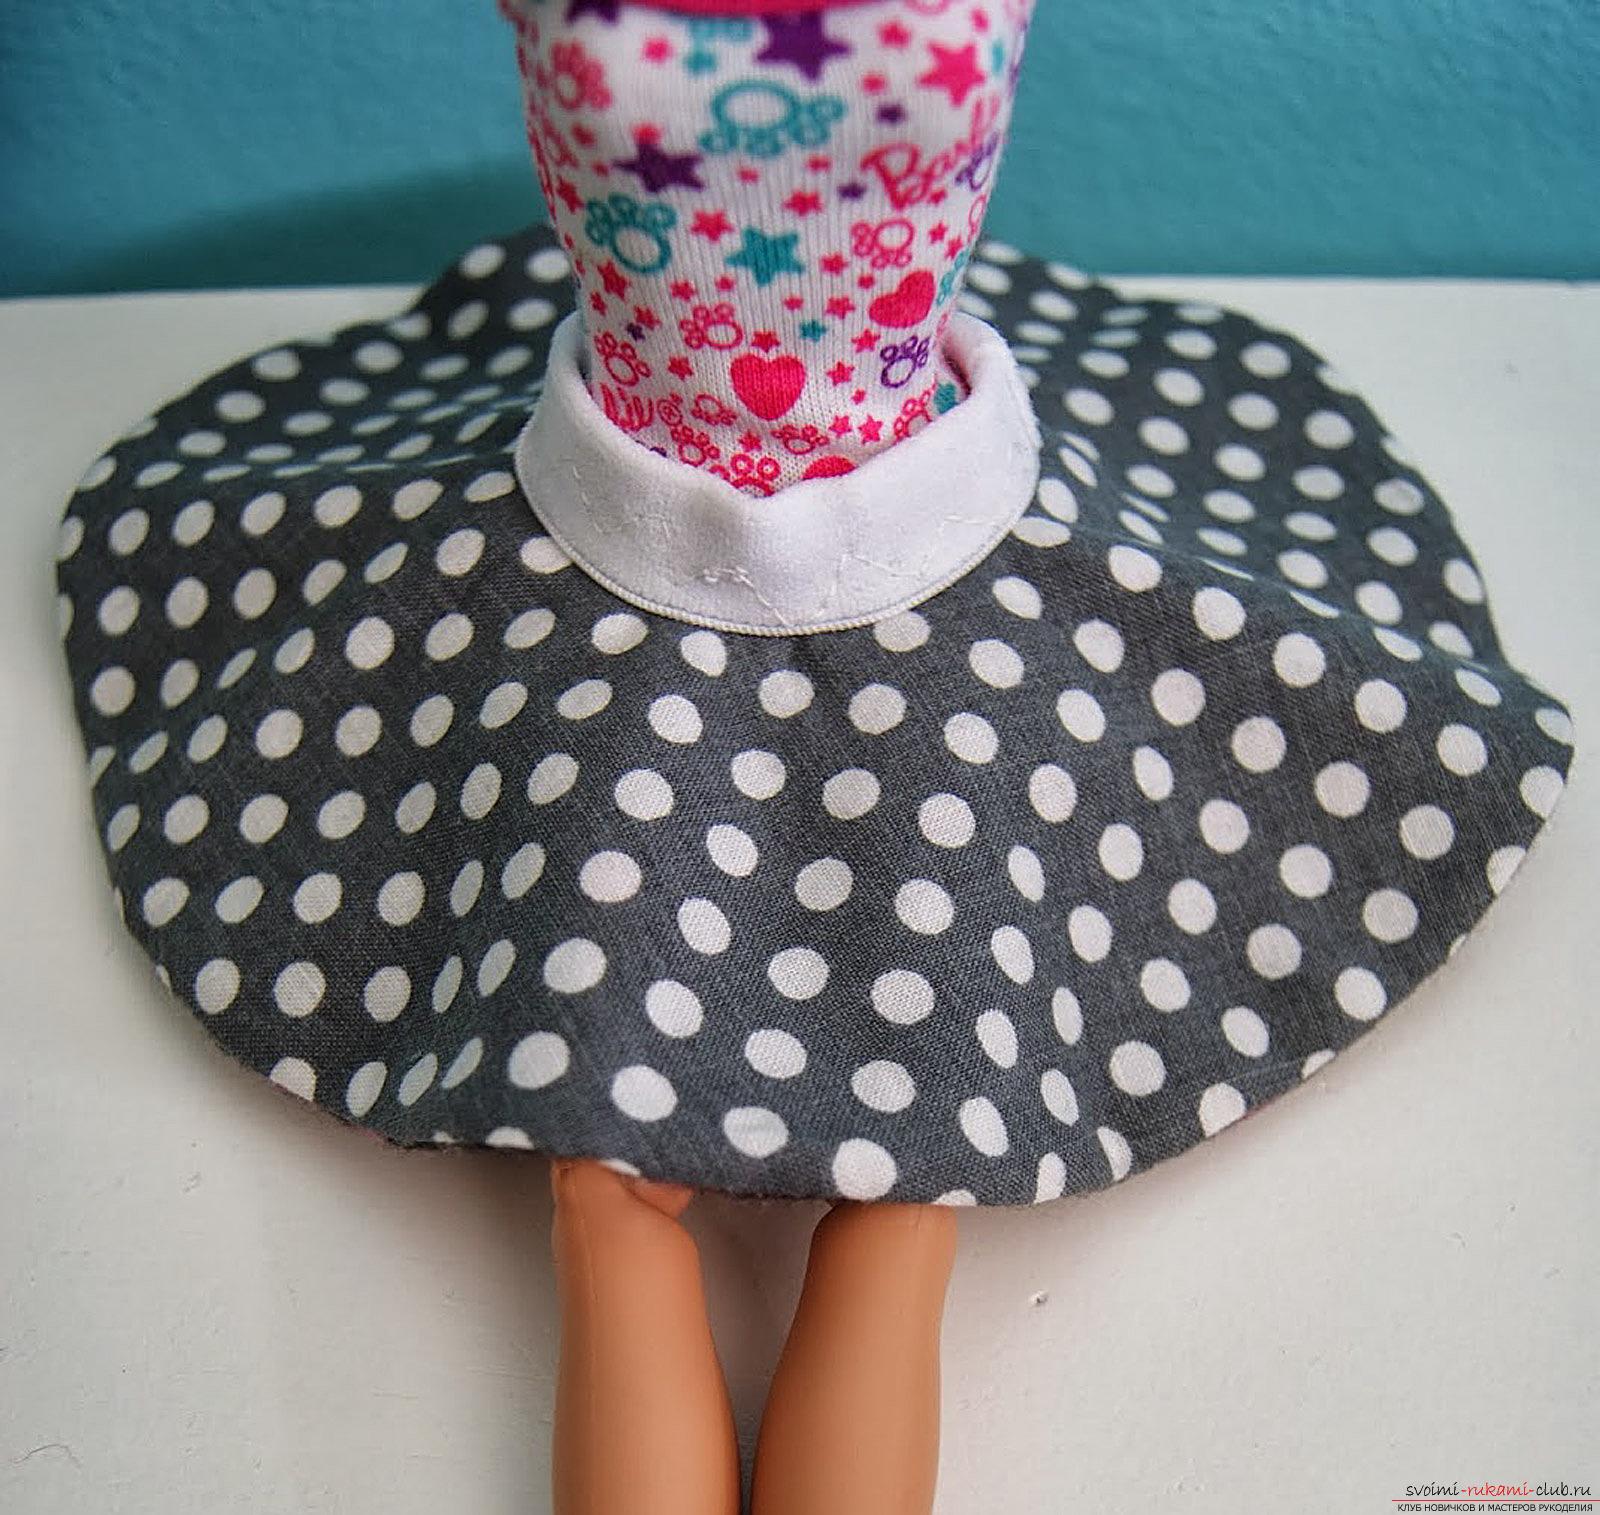 Юбка для куклы барби из резинок